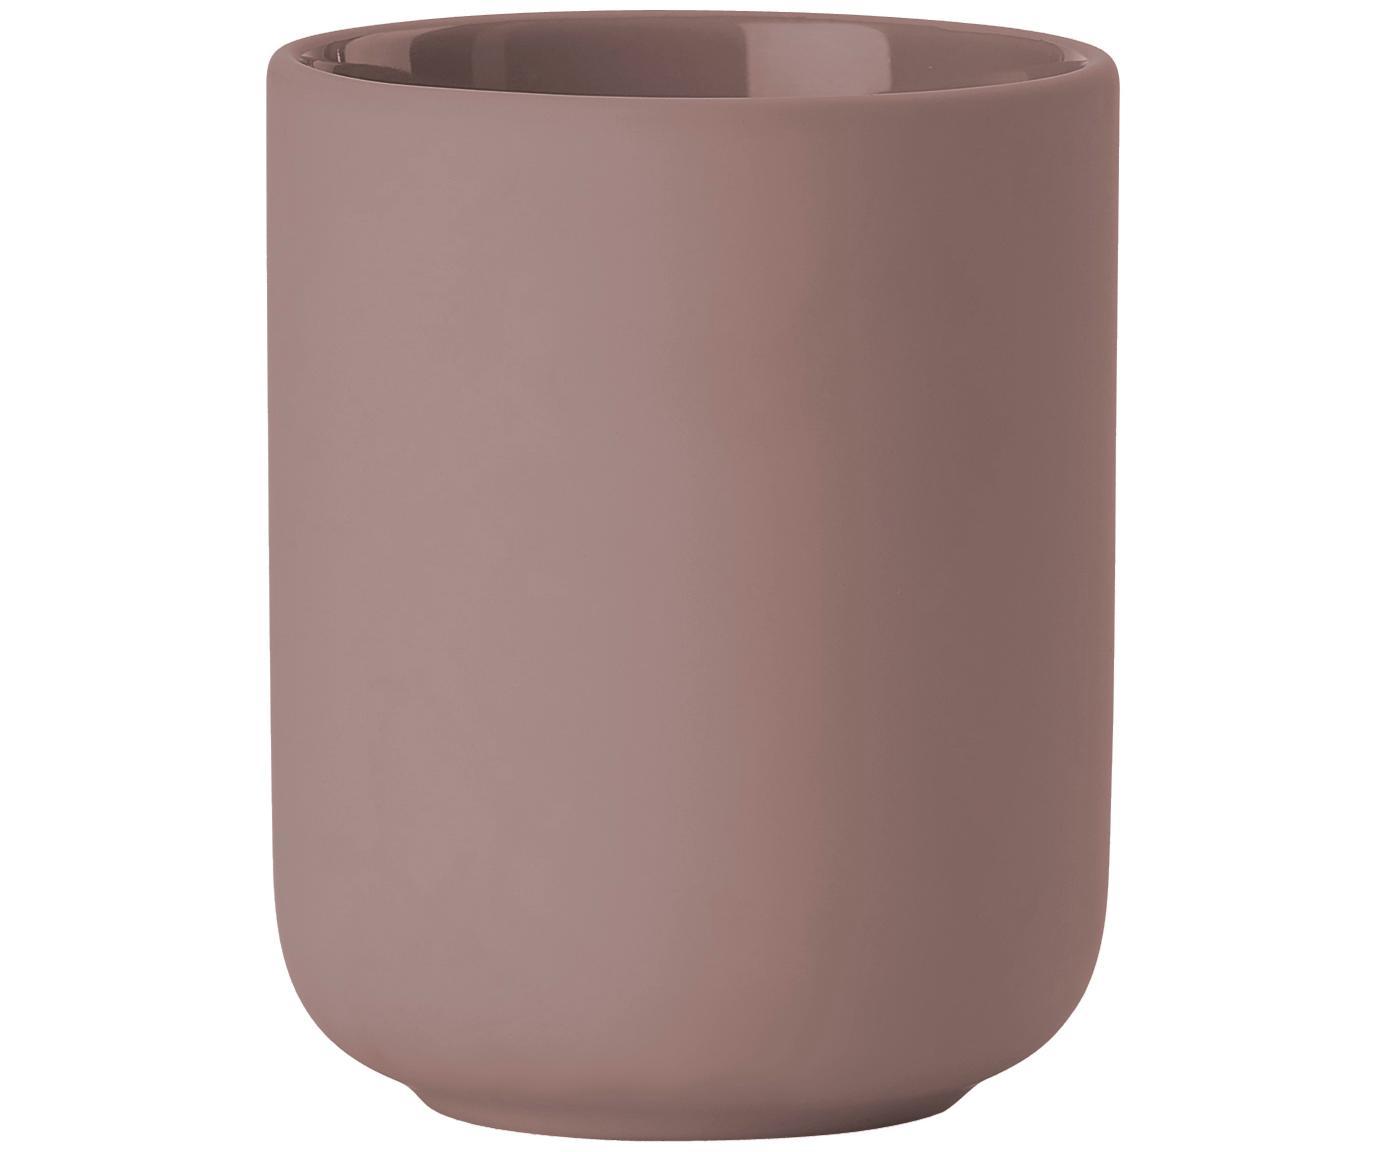 Porta spazzolini in terracotta Ume, Terracotta rivestita con superficie soft-touch (materiale sintetico), Rosa cipria opaco, Ø 8 x Alt. 10 cm